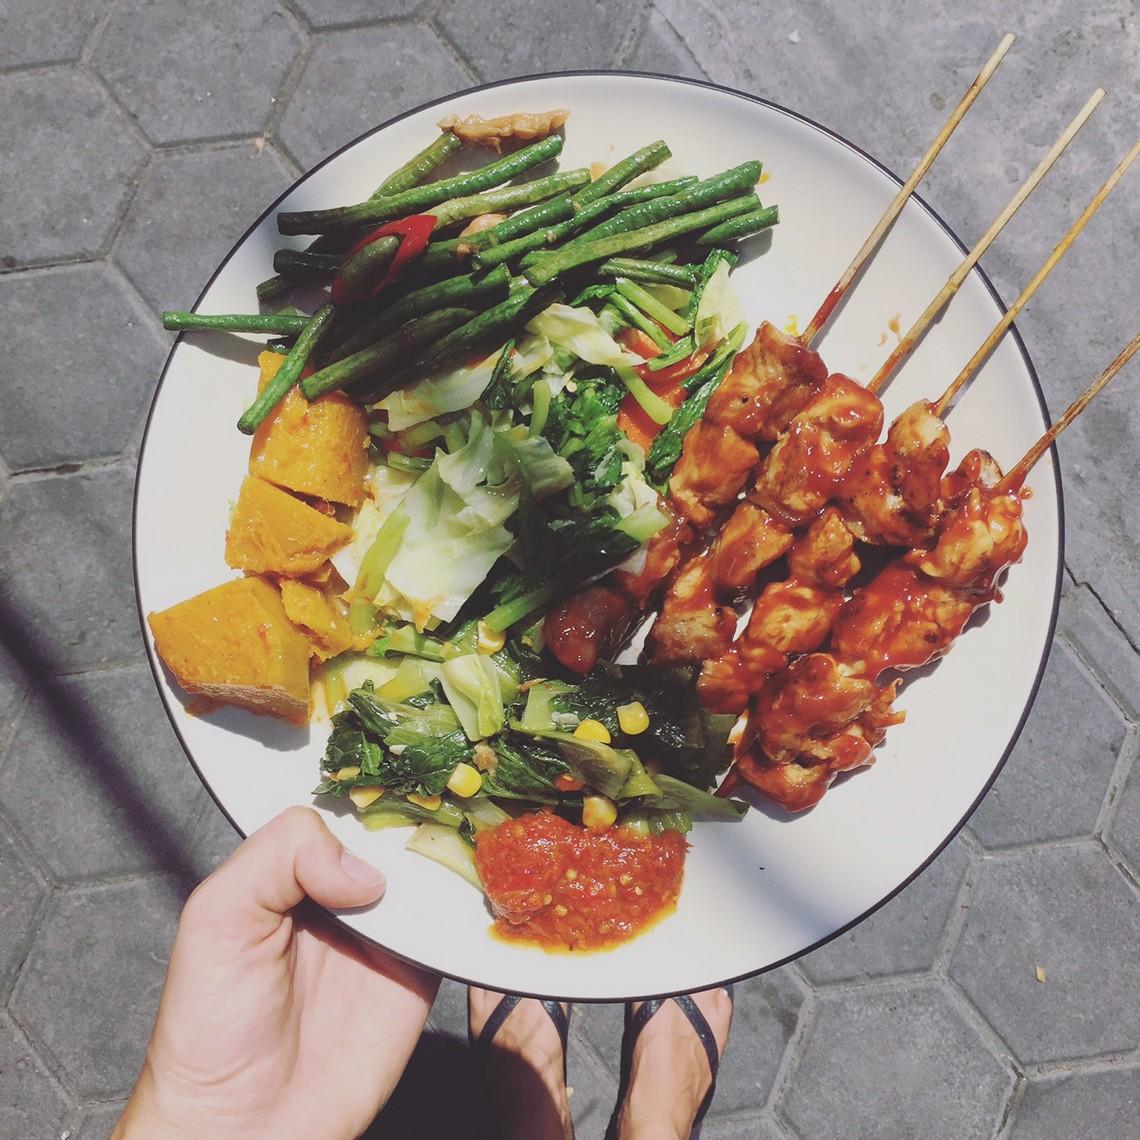 indonesisch eten, bali